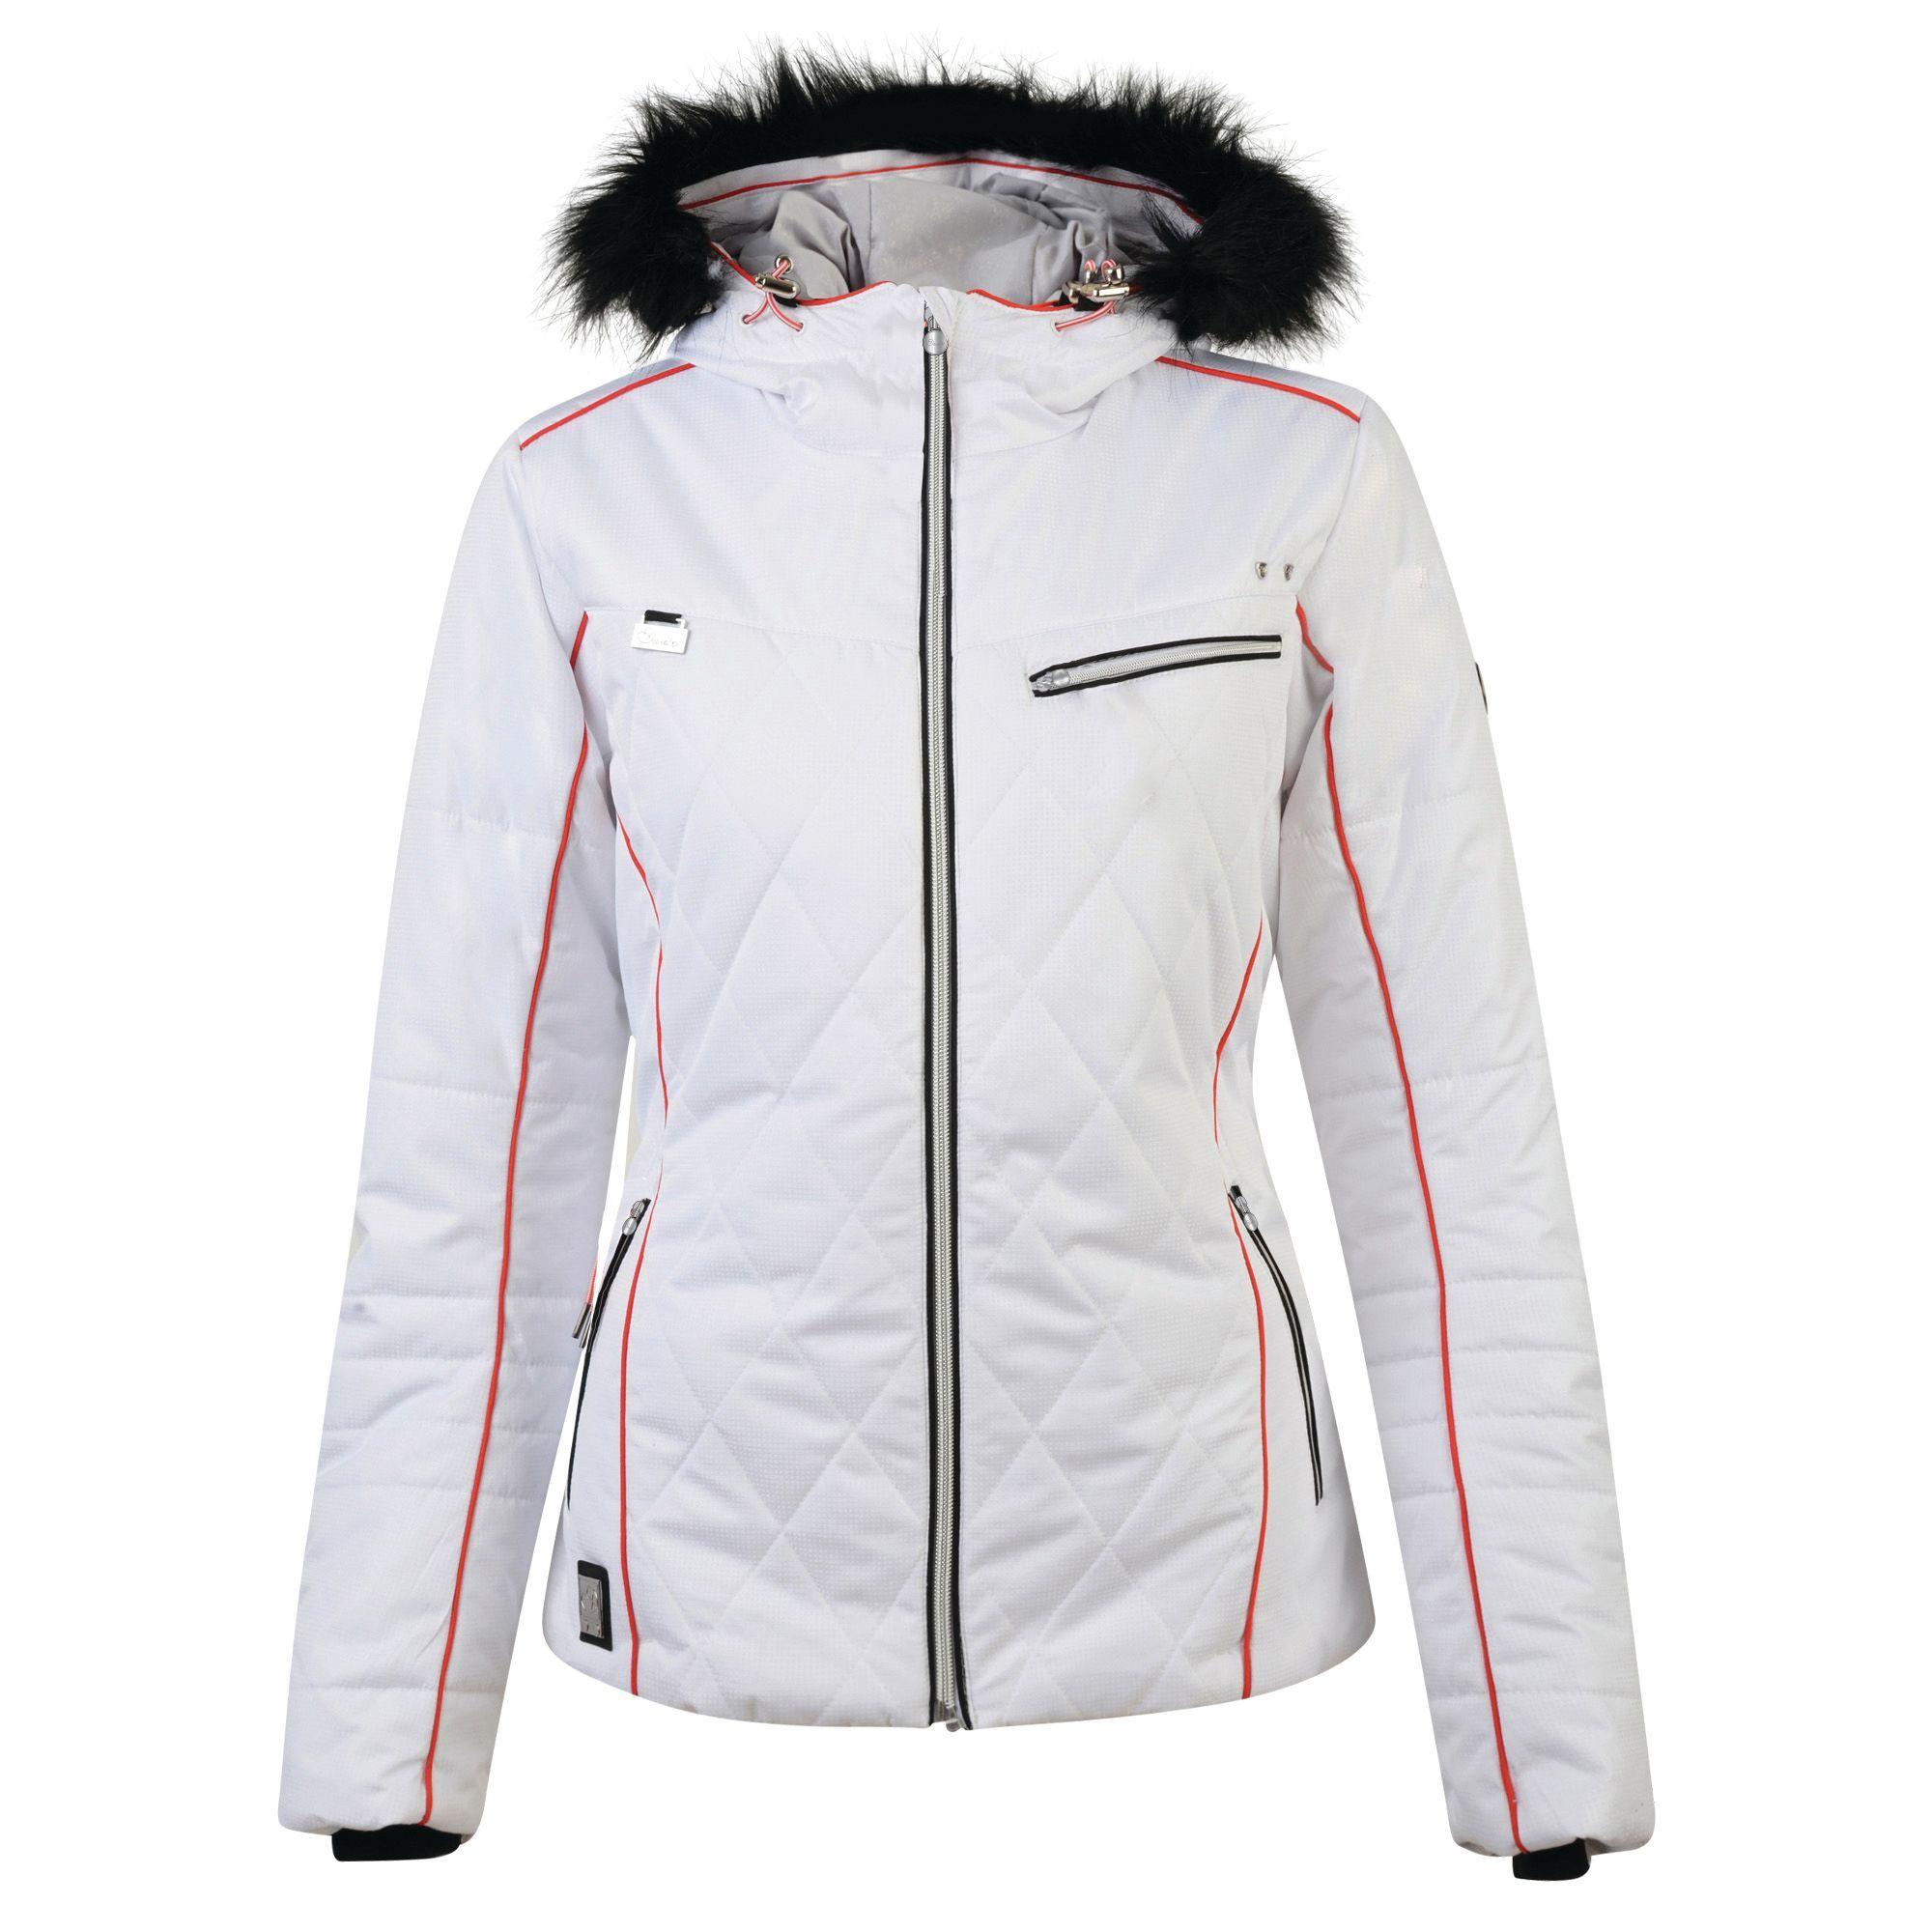 Dare-2b-Chaqueta-para-esquiar-modelo-Ornate-para-mujer-RG3038